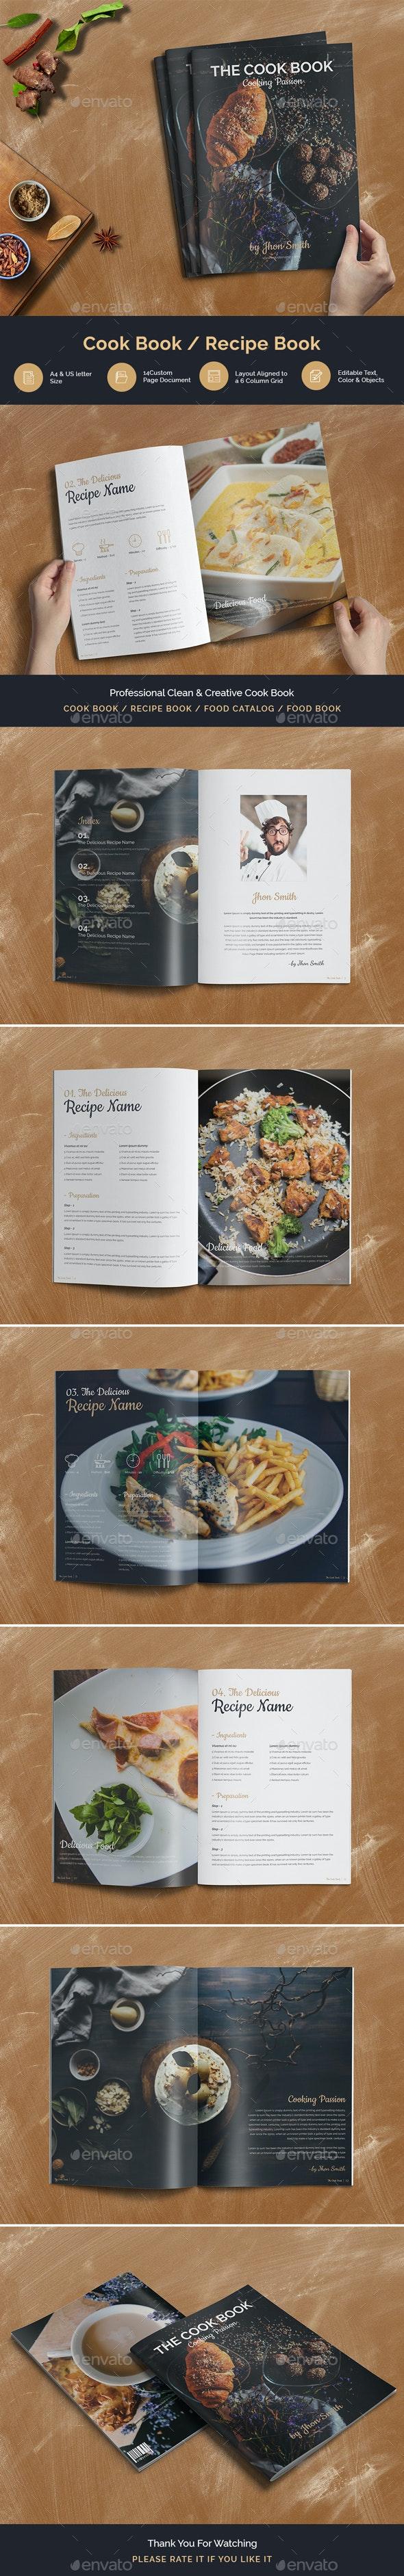 Cook Book - Print Templates